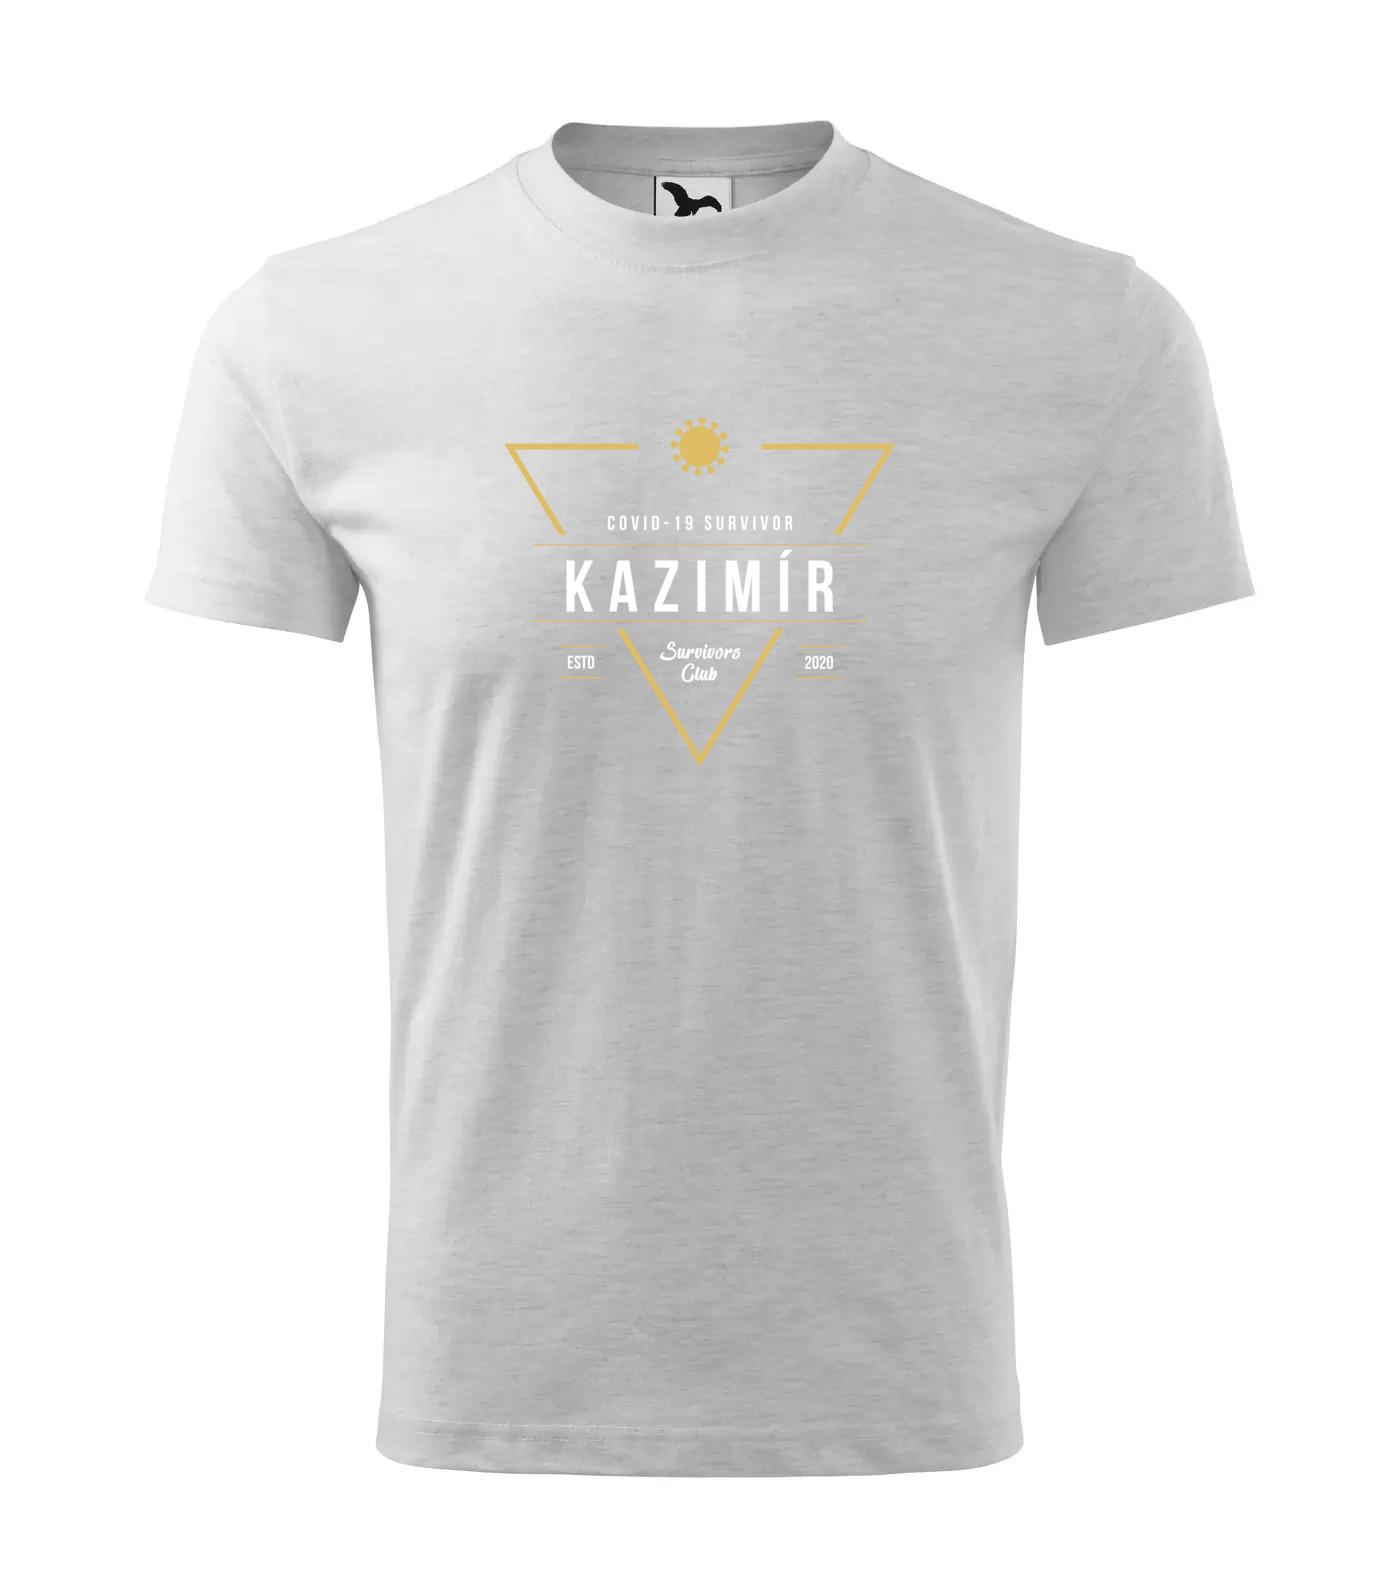 Tričko Survivor Club Kazimír